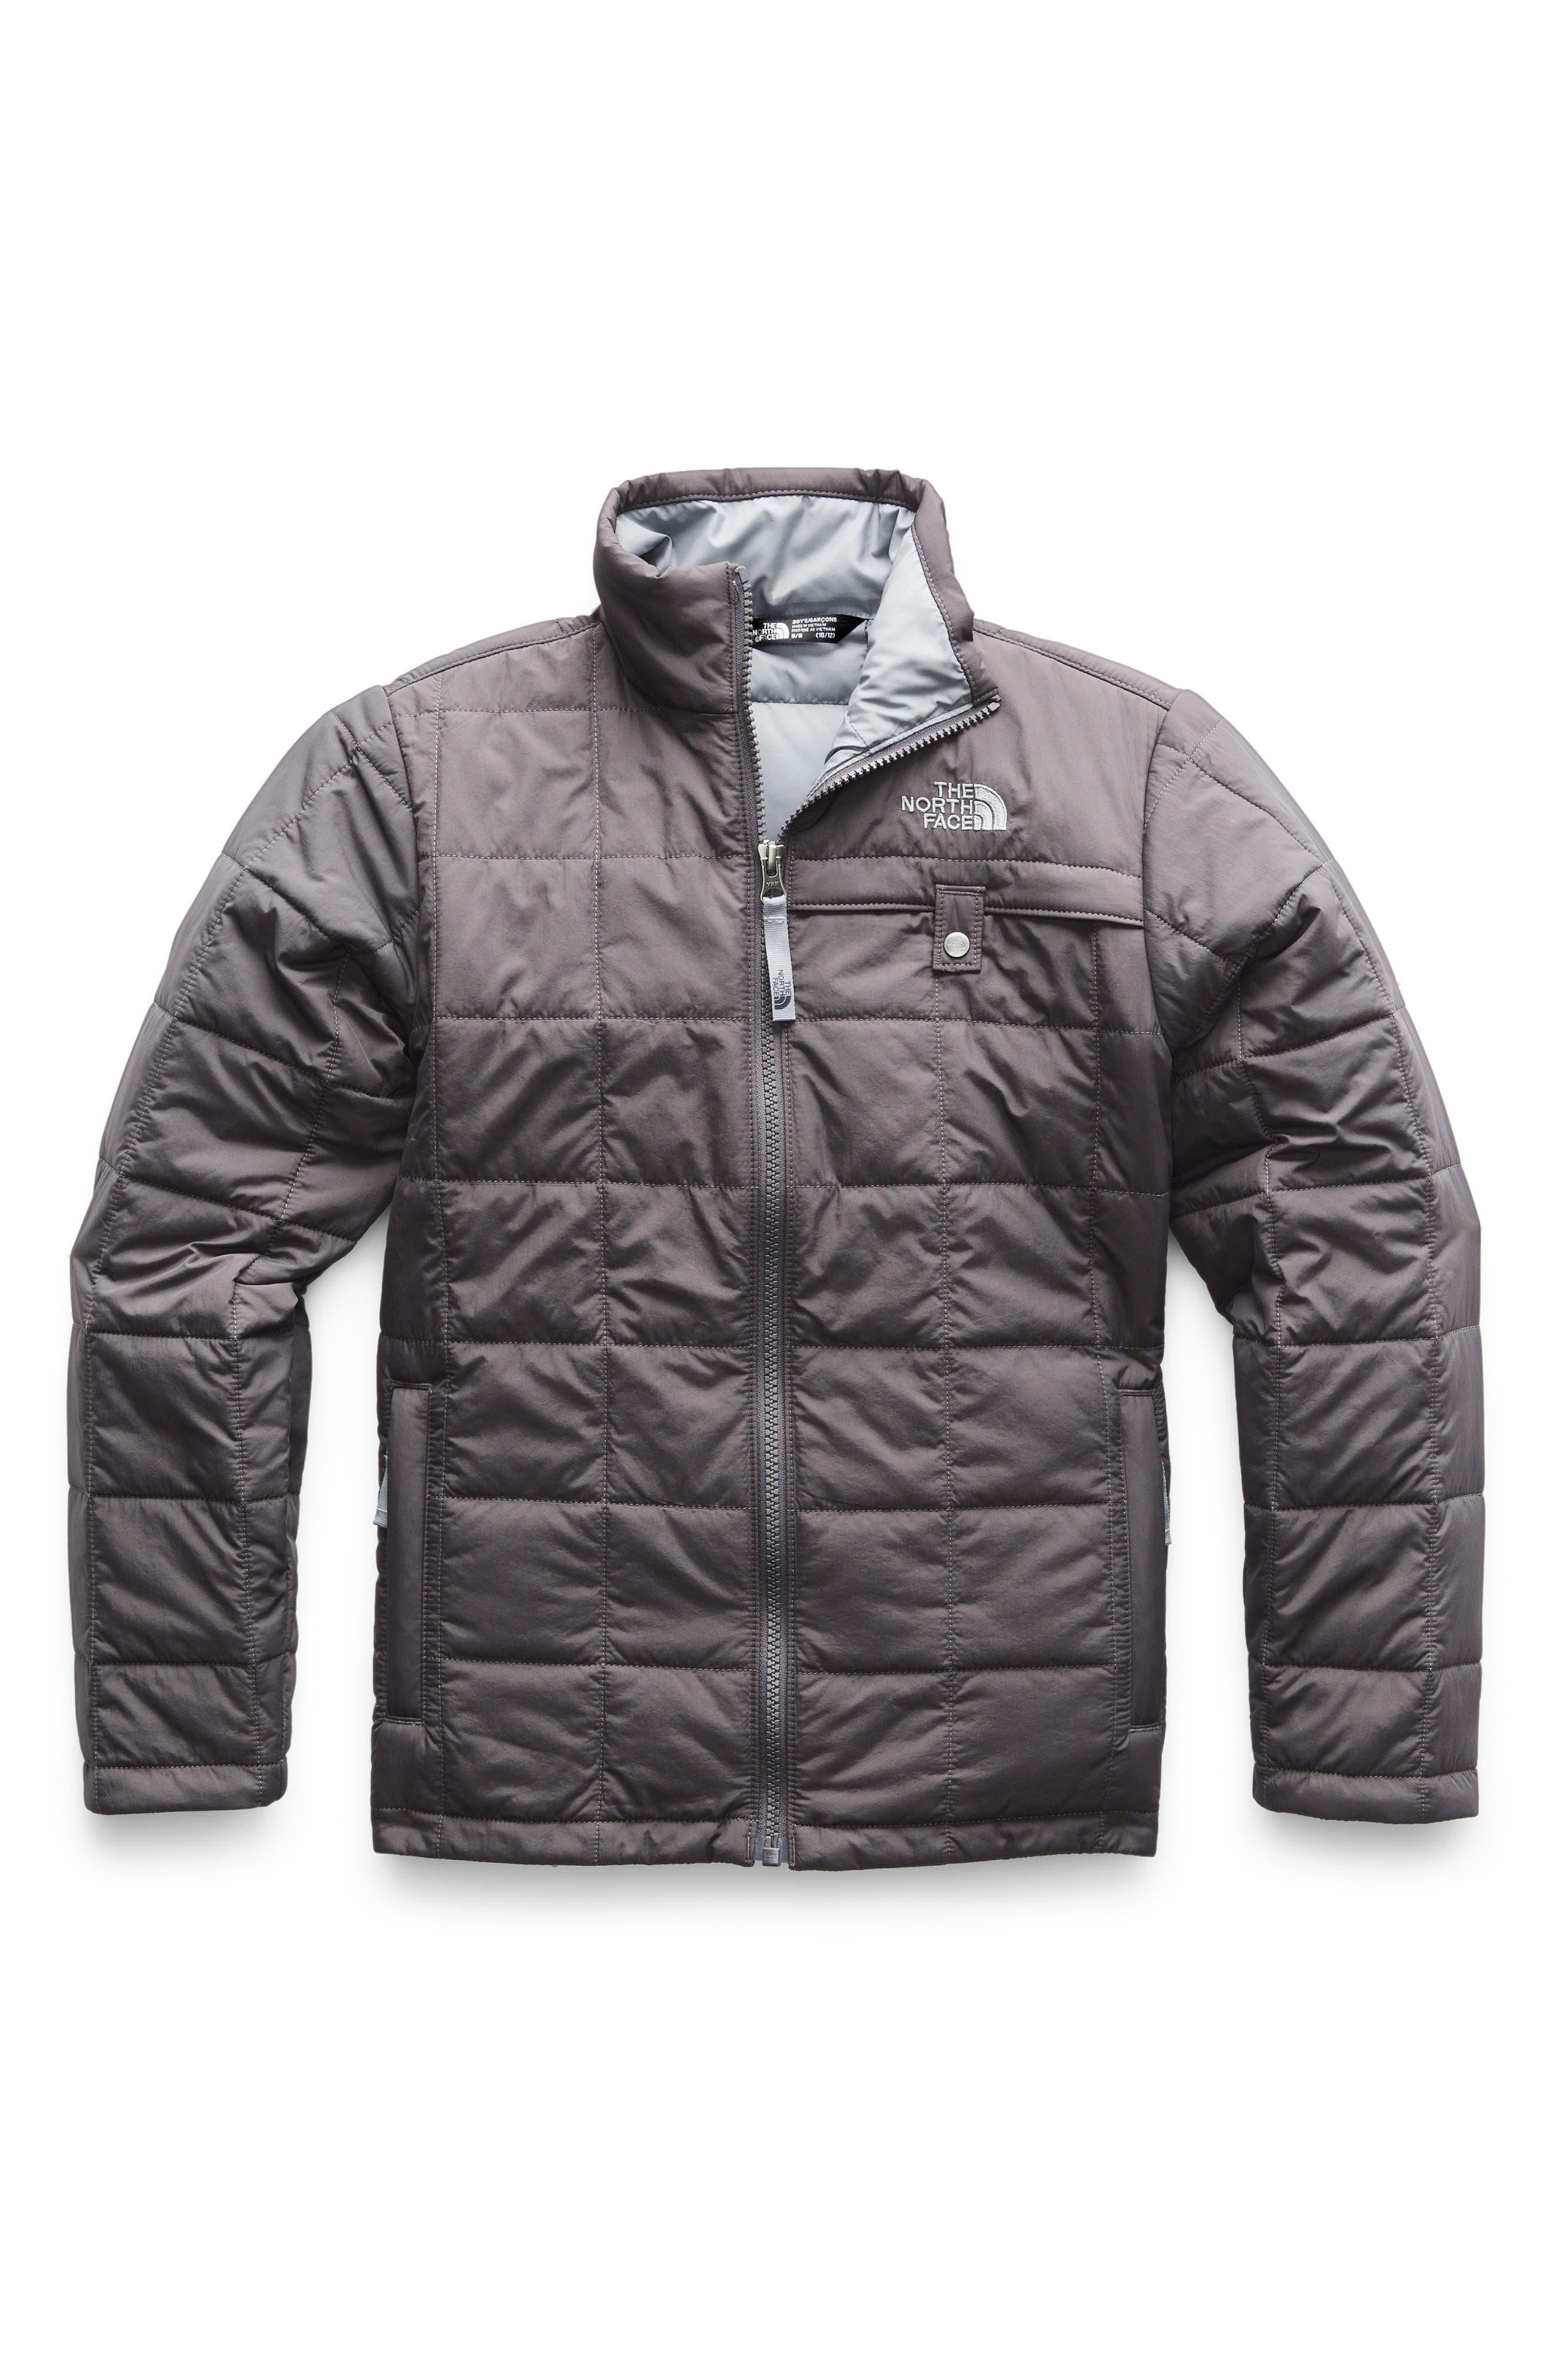 THE NORTH FACE,                             Harway Heatseaker<sup>™</sup> Jacket,                             Main thumbnail 1, color,                             022